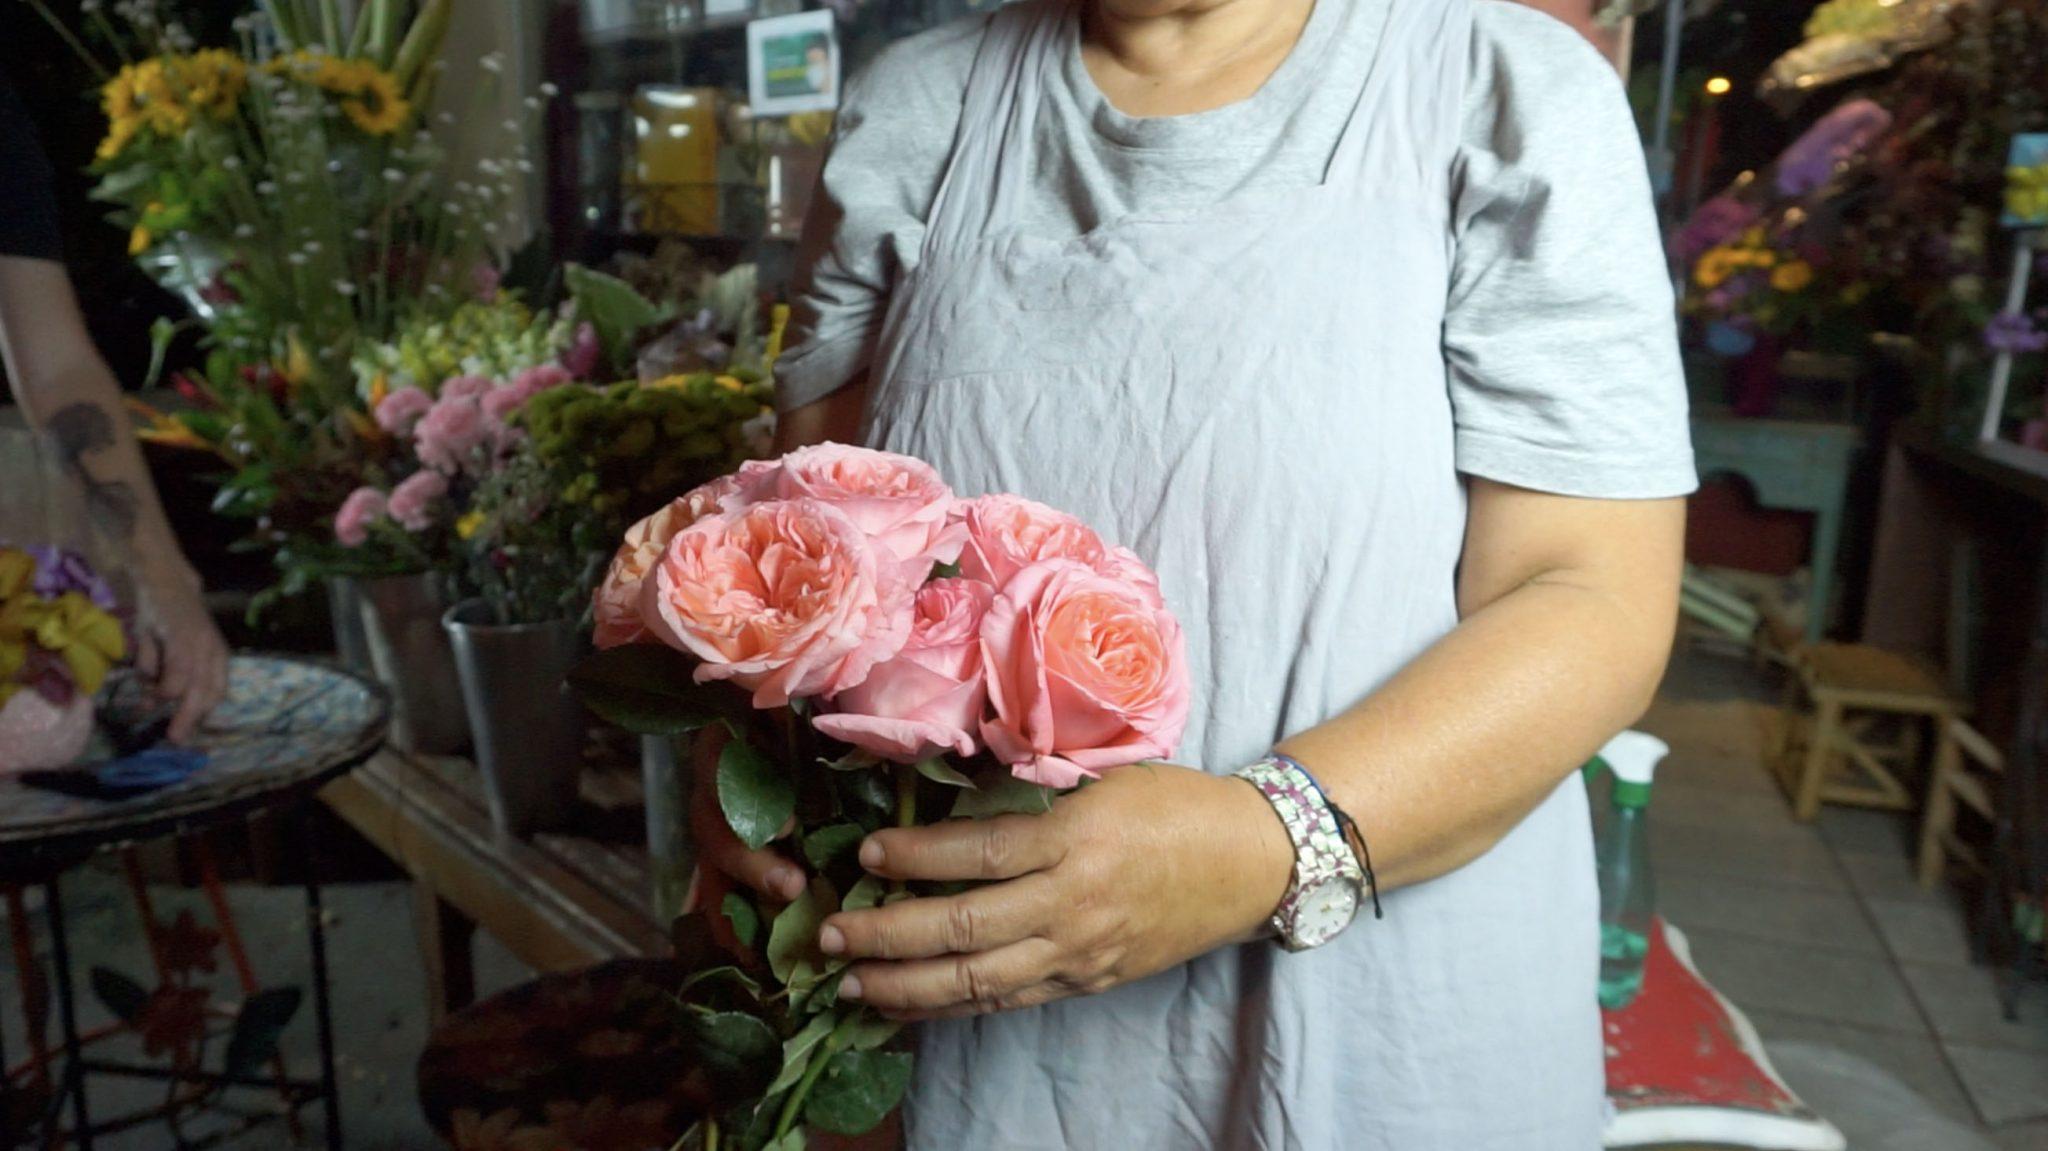 Em vez de flores, marido abre floricultura para surpreender esposa internada e transforma suas vidas 6